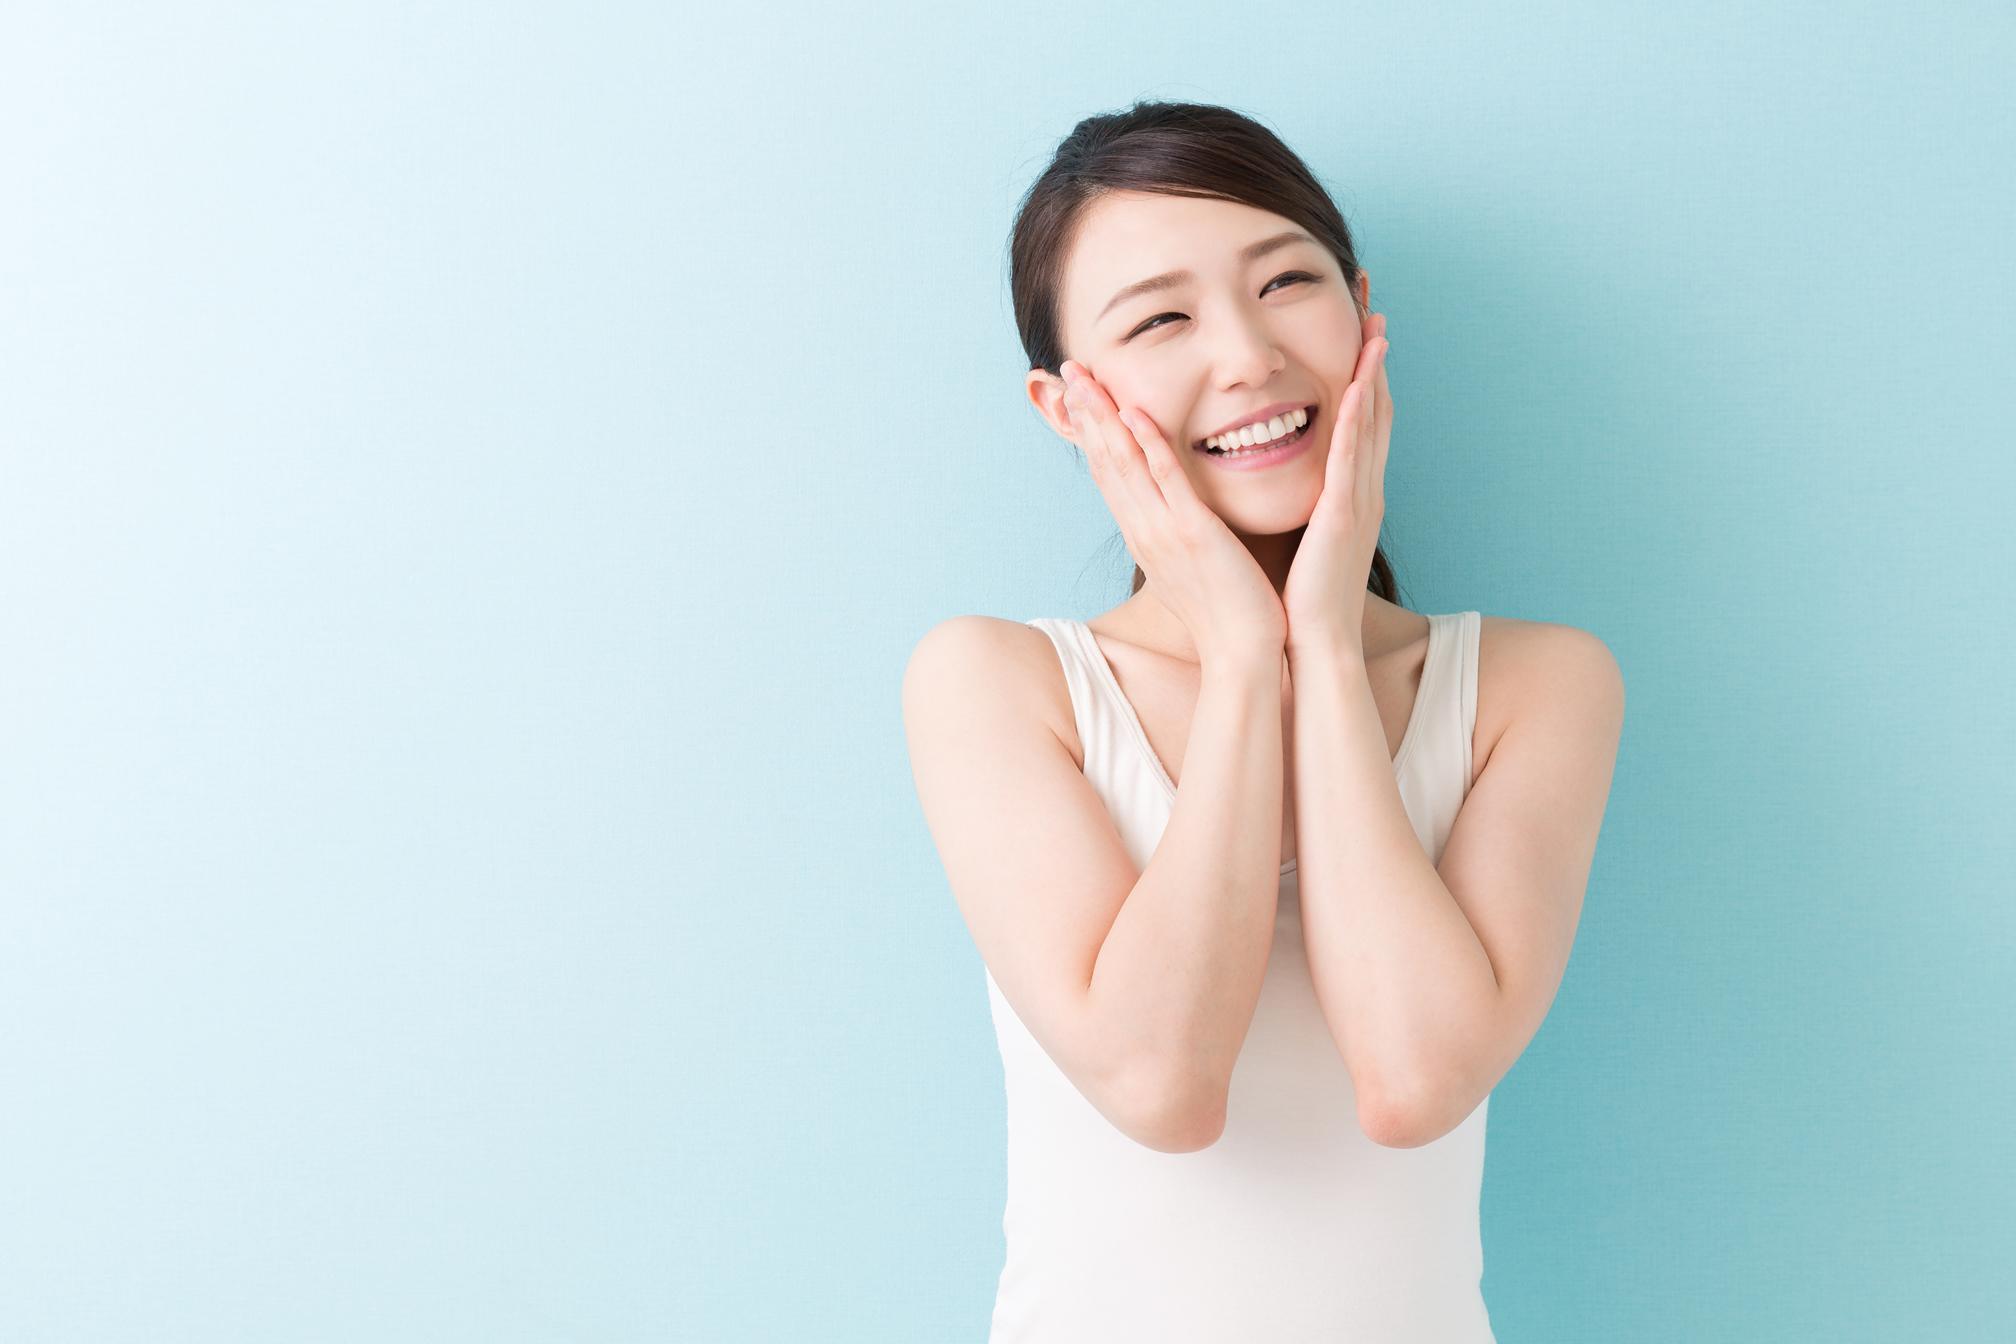 Da thường là loại da dễ đẹp và dễ chăm sóc nhất, bạn chỉ cần làm đúng theo các bước dưỡng da là sẽ đẹp!